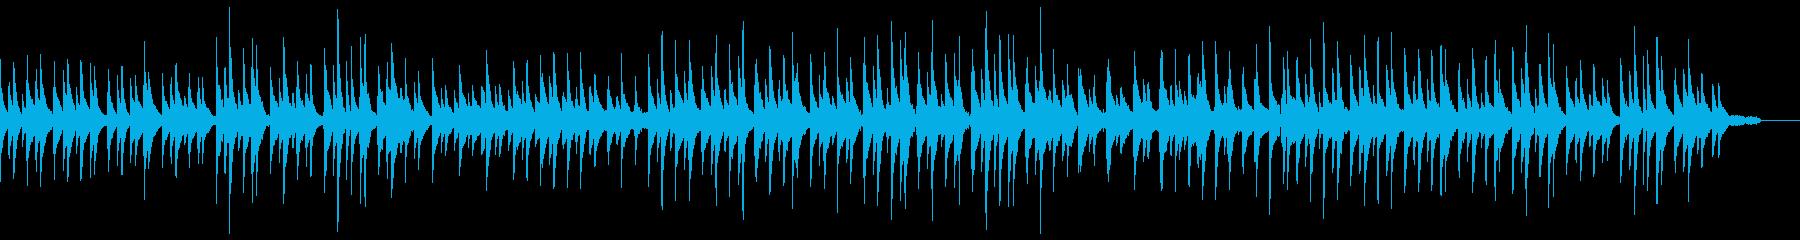 ピアノトリオ編成による静かなジャズワルツの再生済みの波形